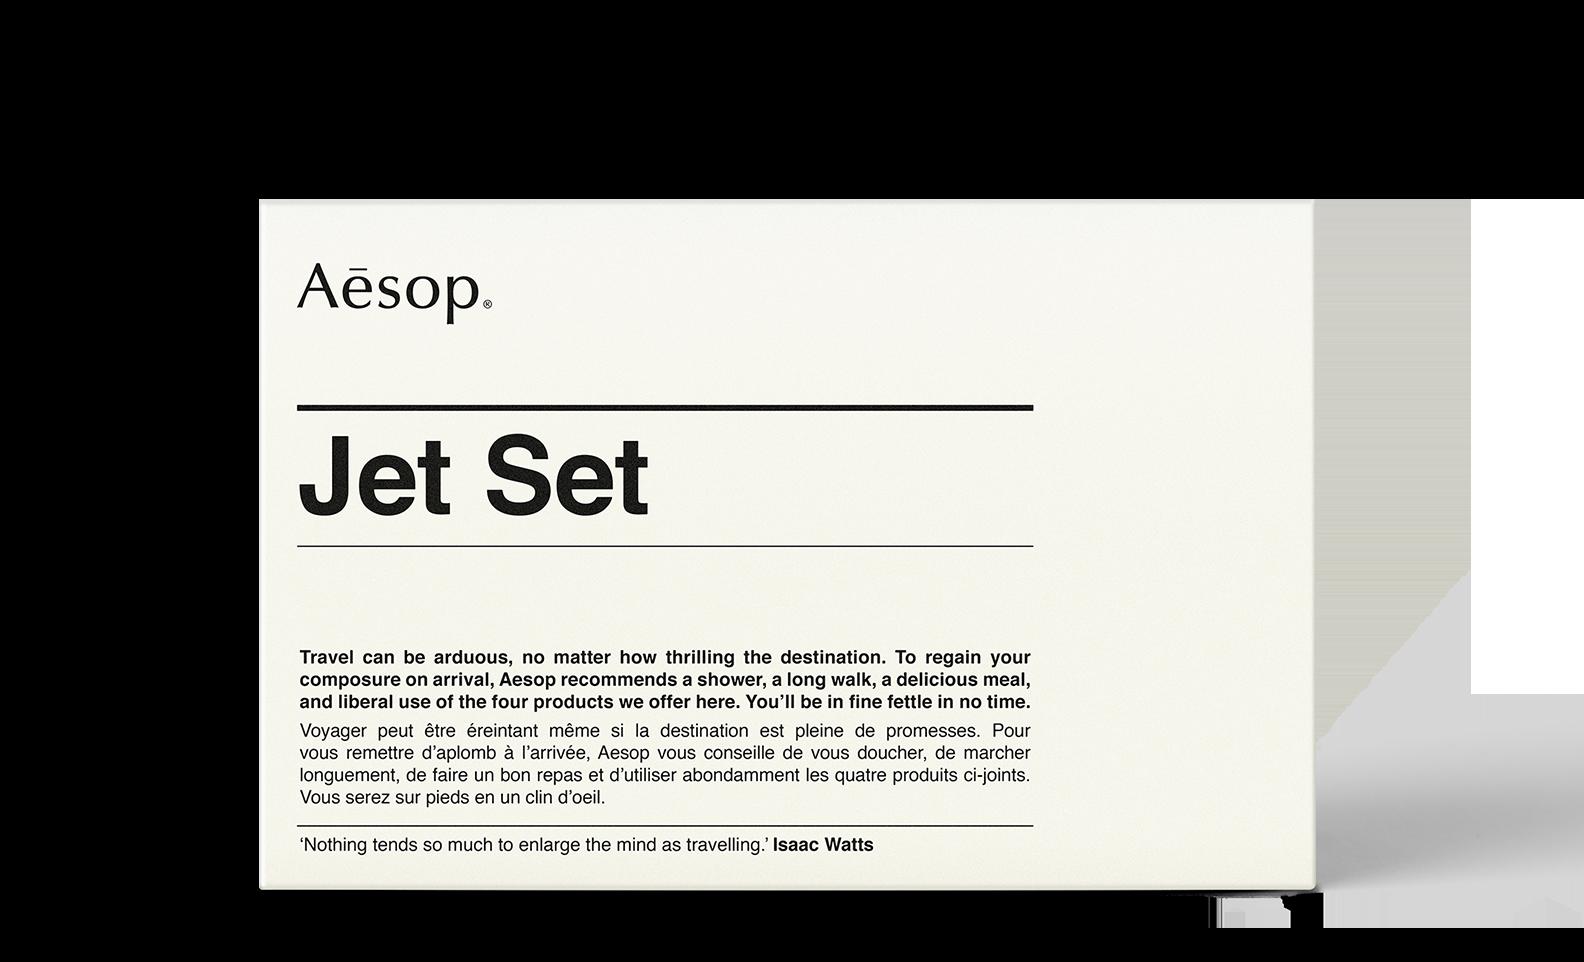 Aesop-Kit-Travel-Jet-Set-Carton-large.png